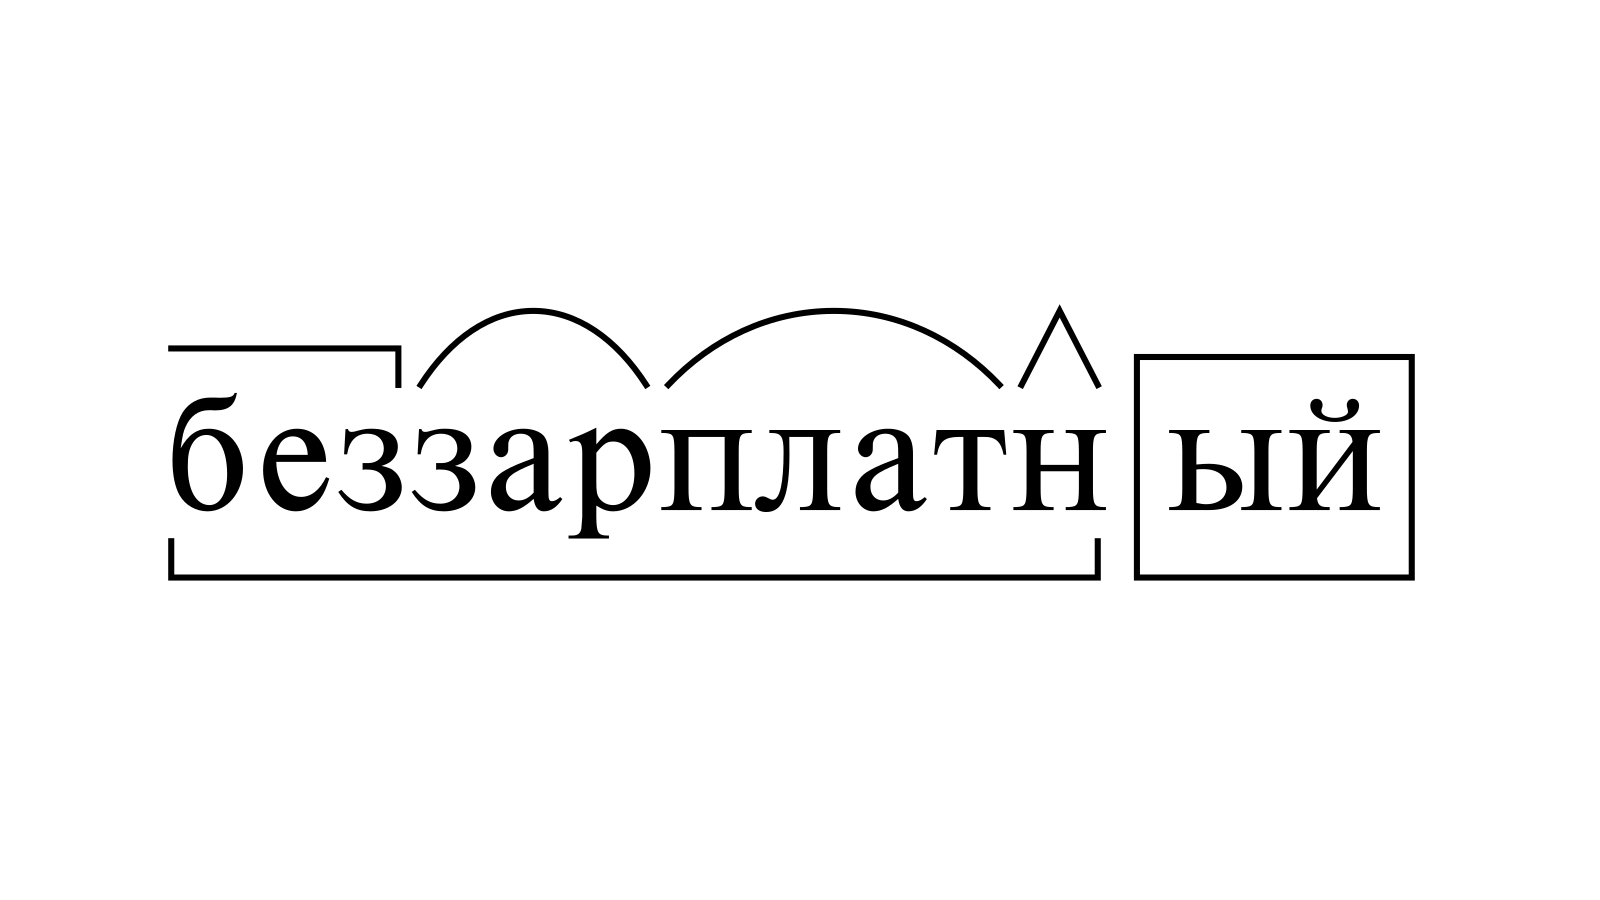 Разбор слова «беззарплатный» по составу